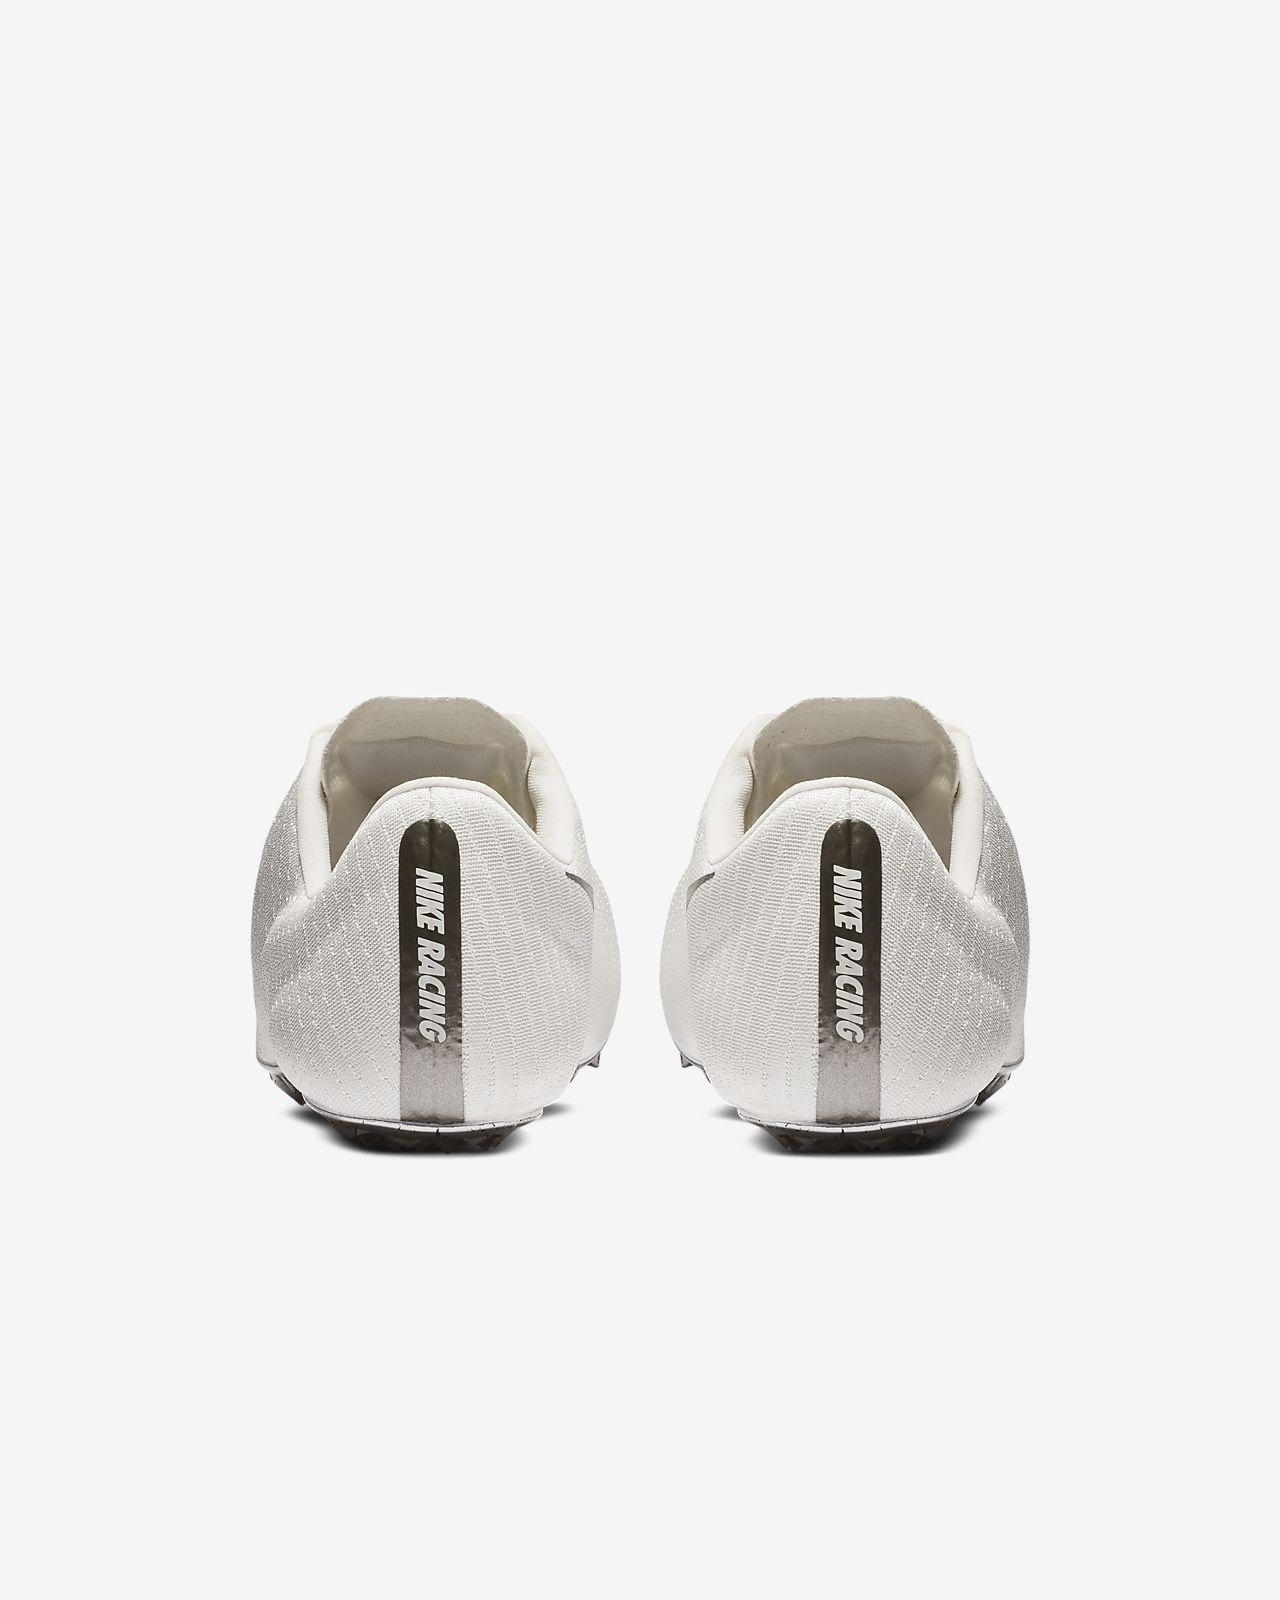 buy popular 2e19f d8d89 ... Chaussure de course à pointes Nike Superfly Elite